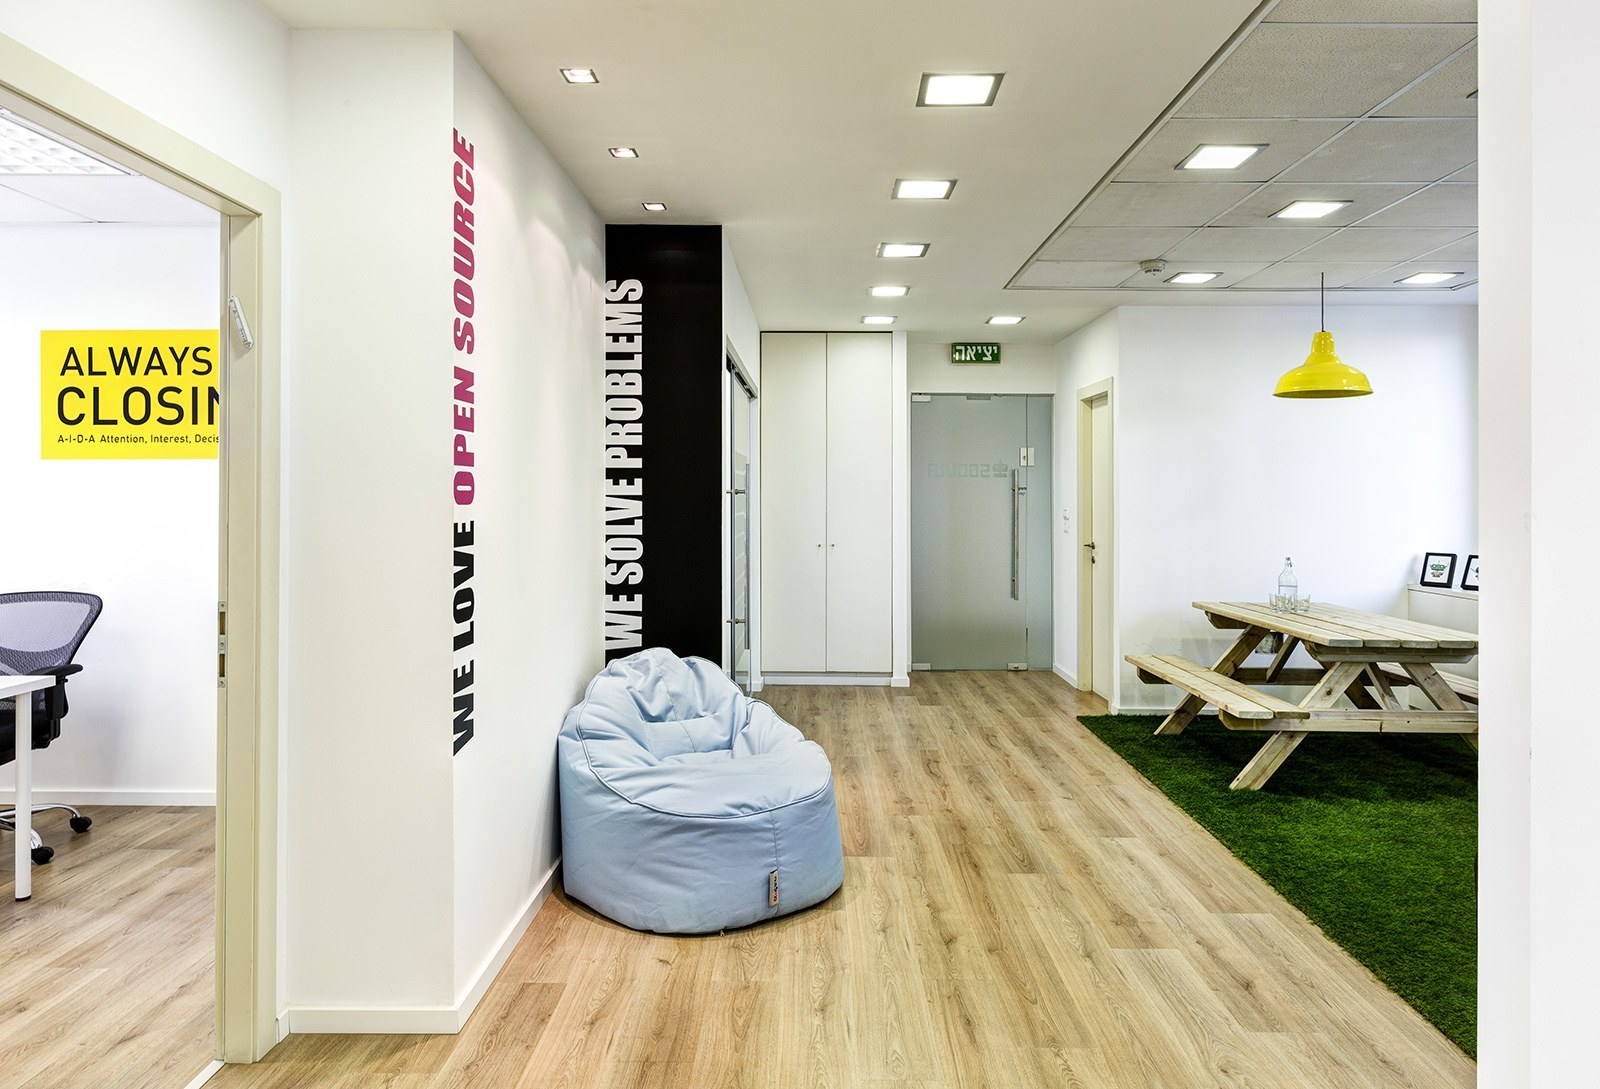 soomla-office-6